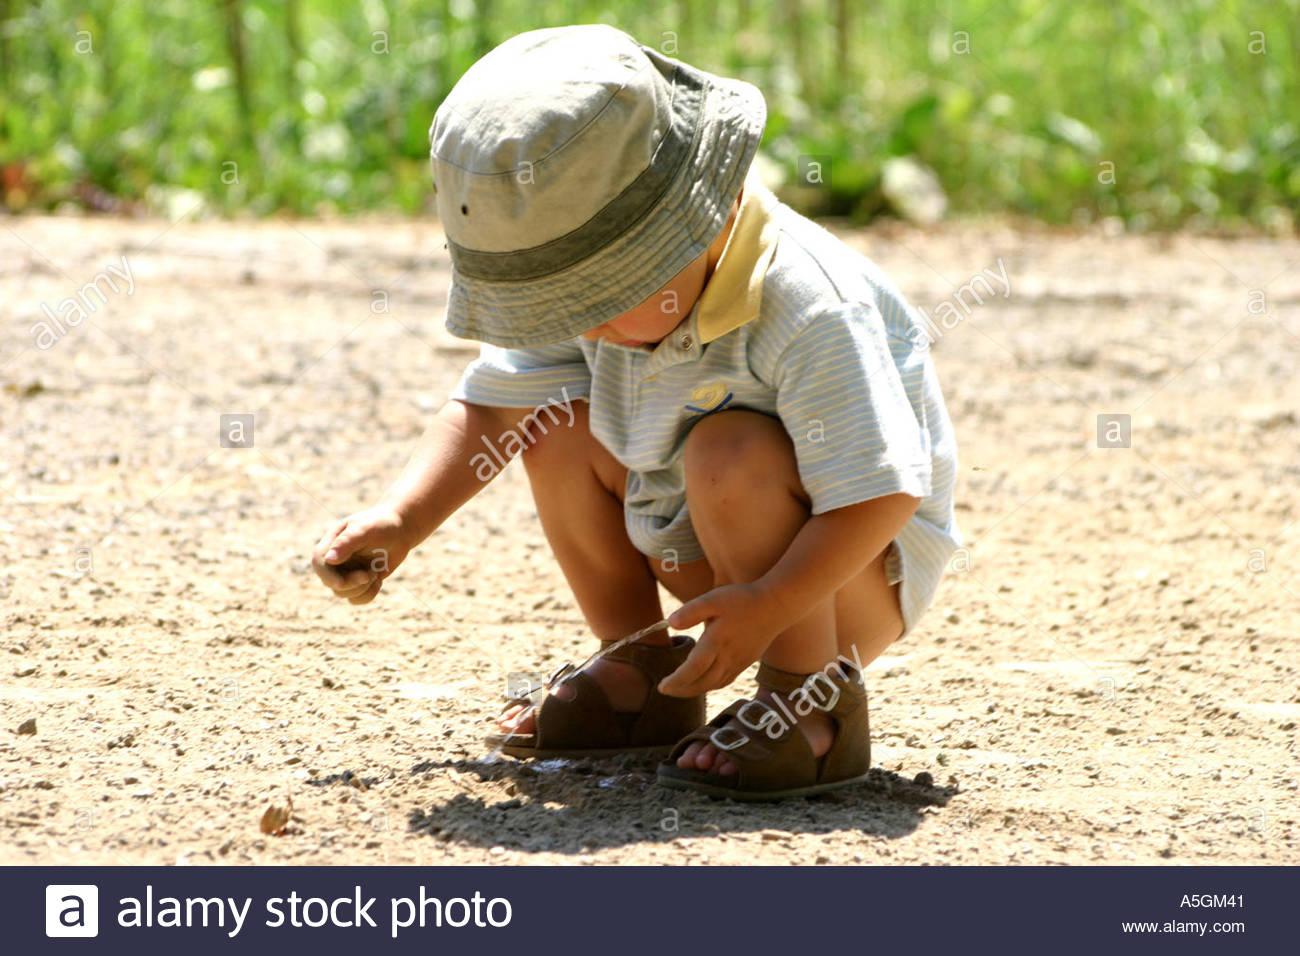 pee boy Little boy peeing